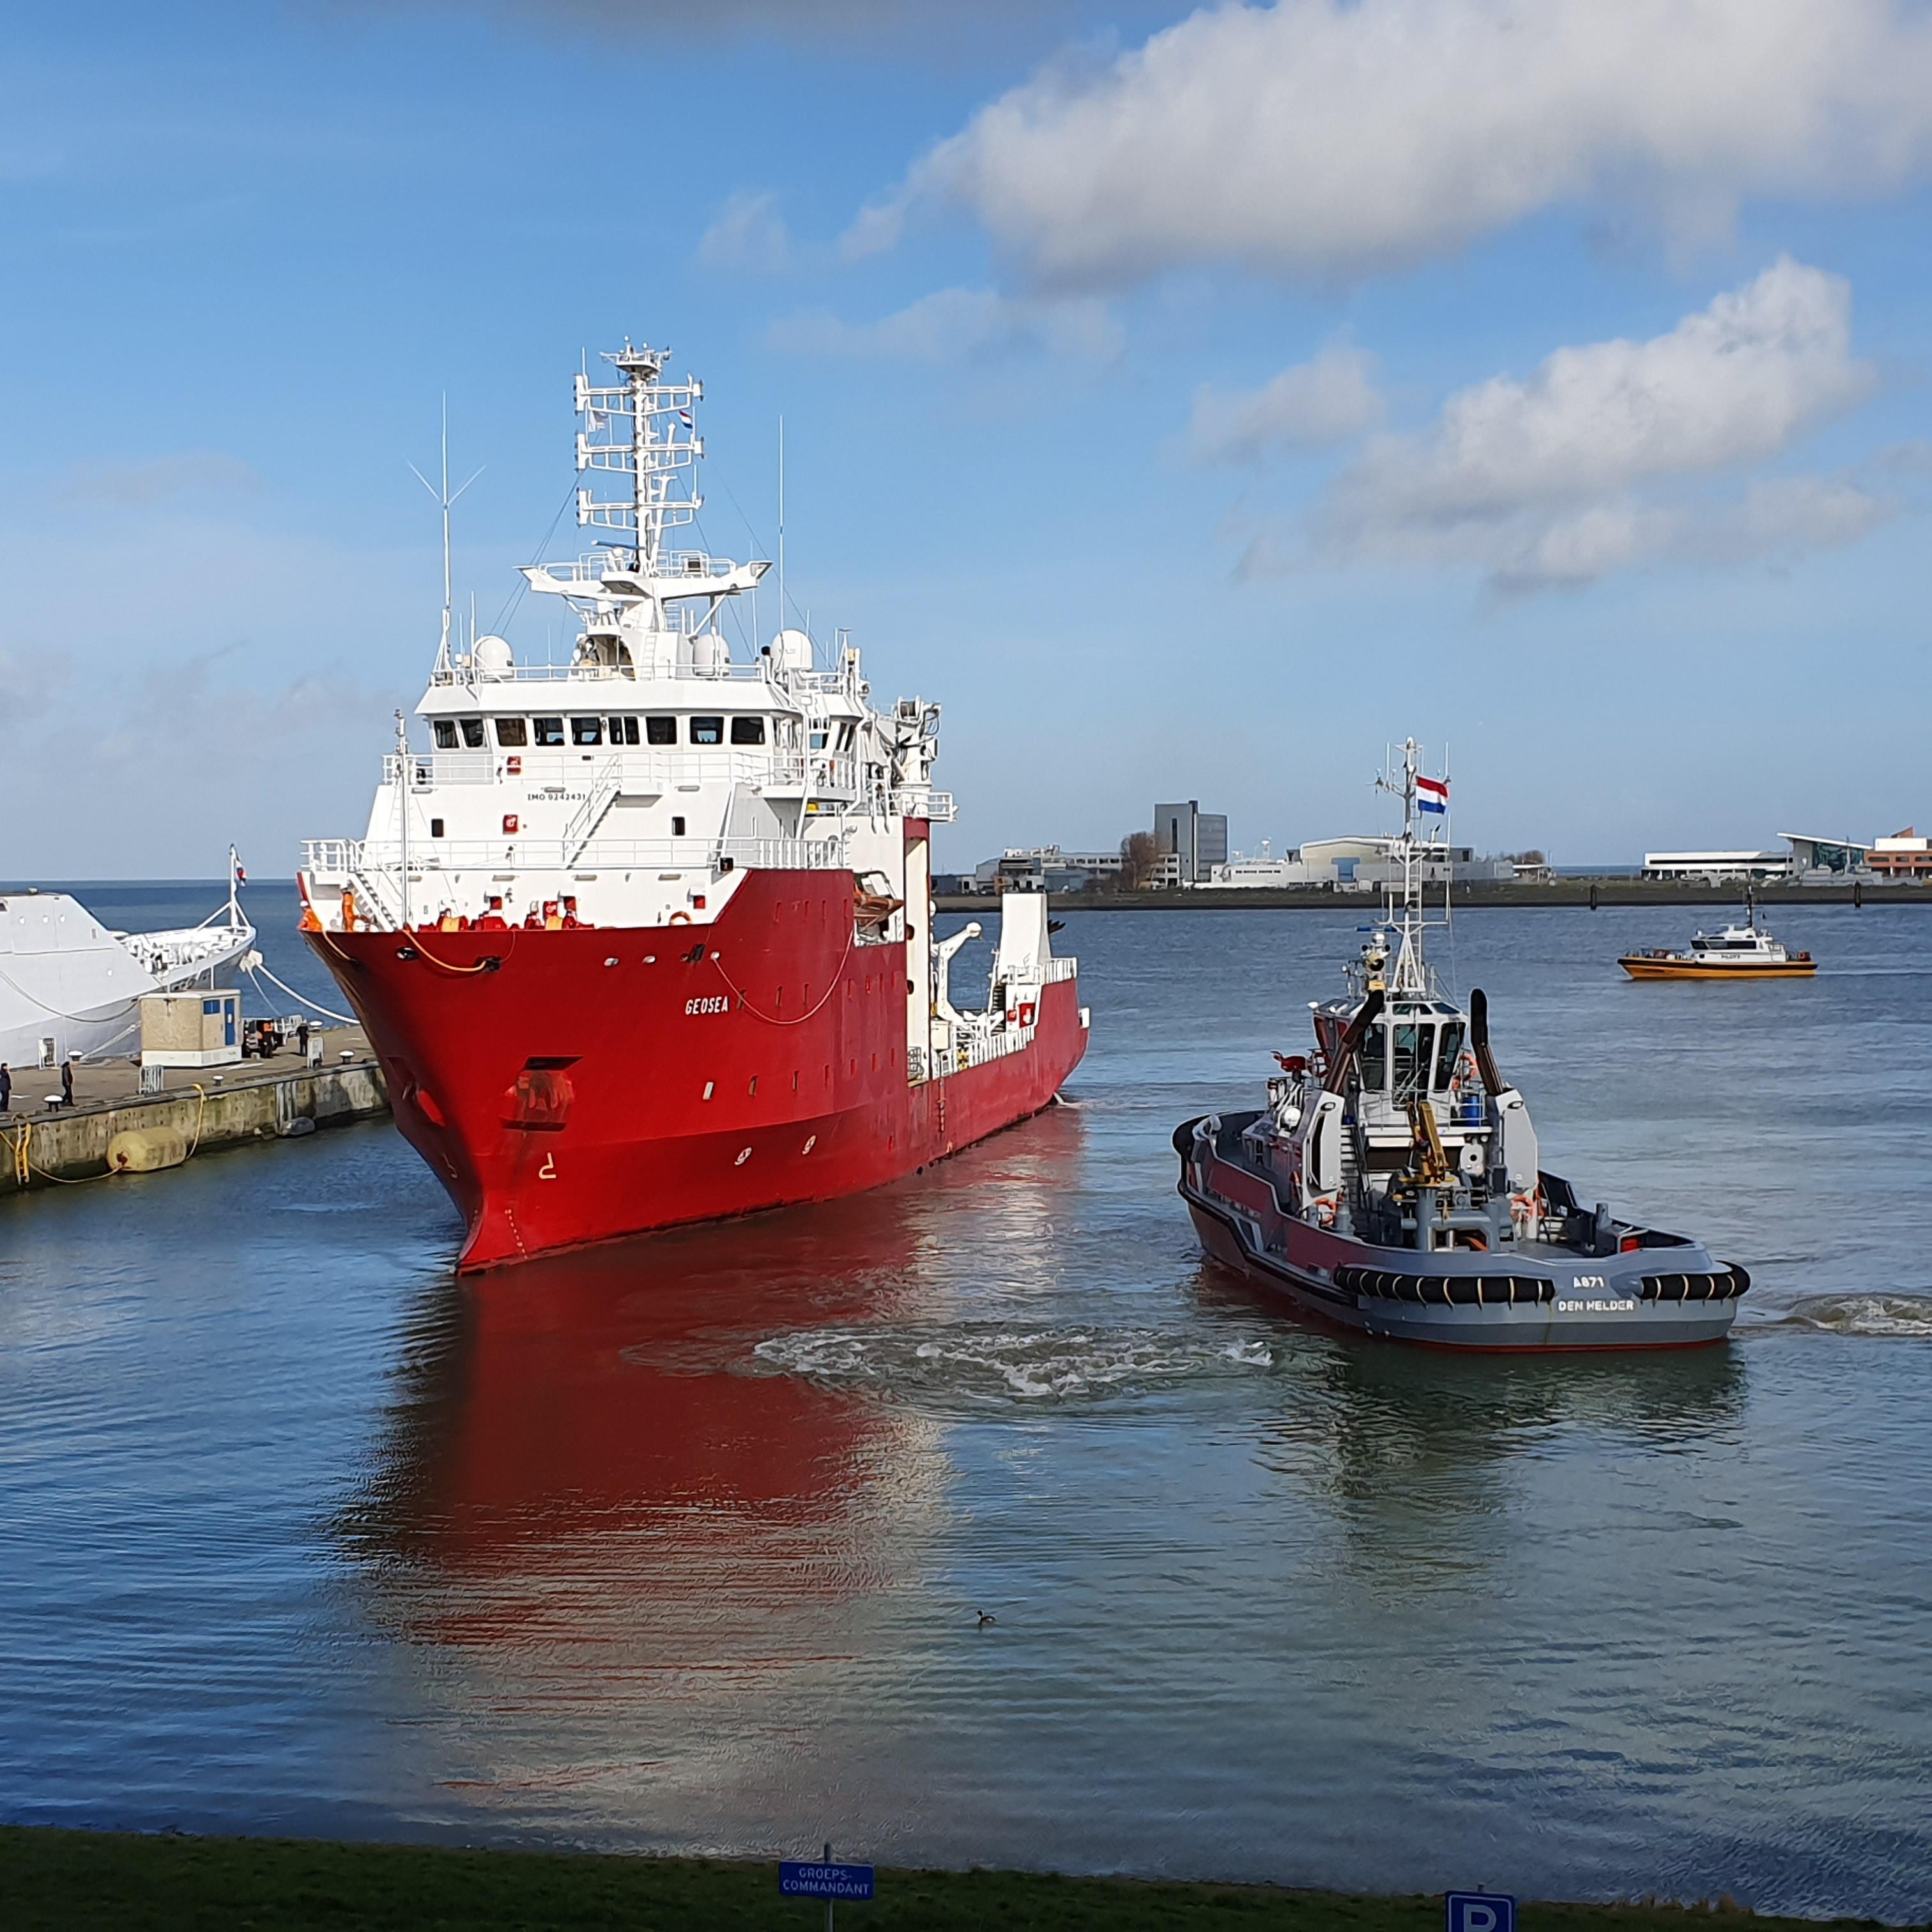 Civiel schip dat ingezet wordt door Mijnendienst ligt binnen in Nieuwe Haven van Den Helder